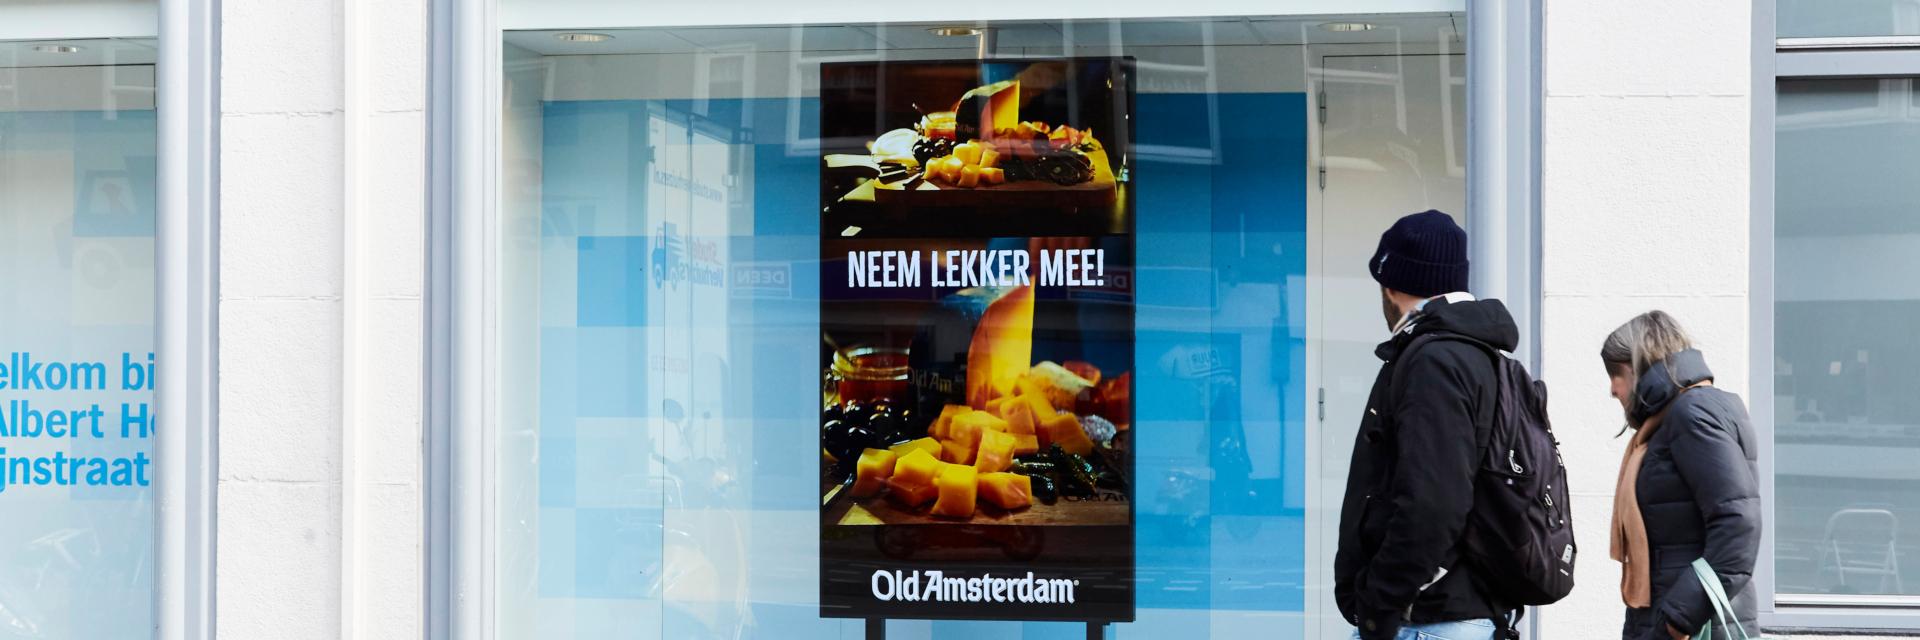 Albert Heijn introduceert digitaal buitenreclame netwerk